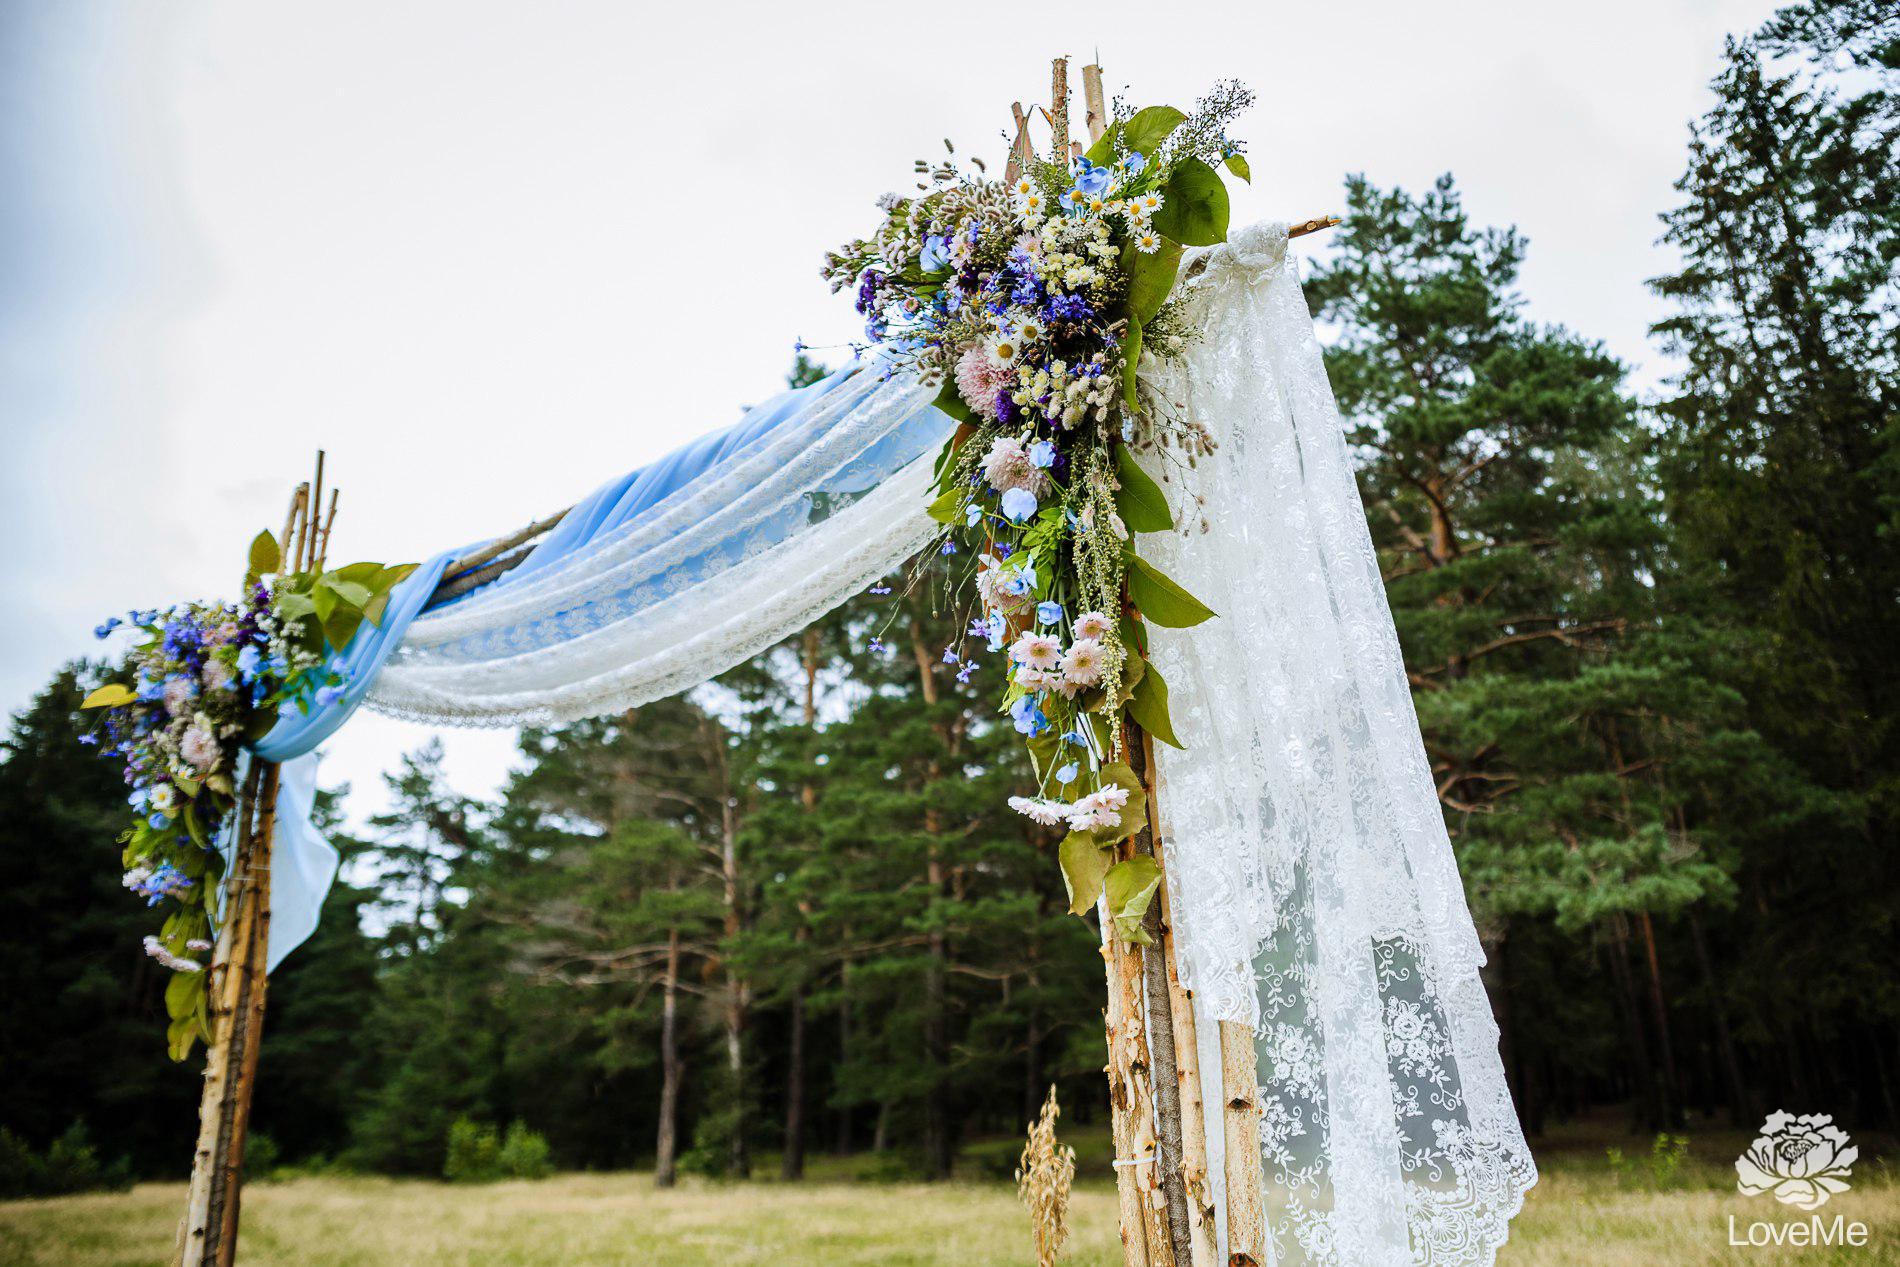 Арка Выездная регистрация церемония в Могилеве свадебное агентство ЛавМи организация свадьбы экосвадьба украшение декор банкета свадьбы свадьба в поле на поляне в лесу